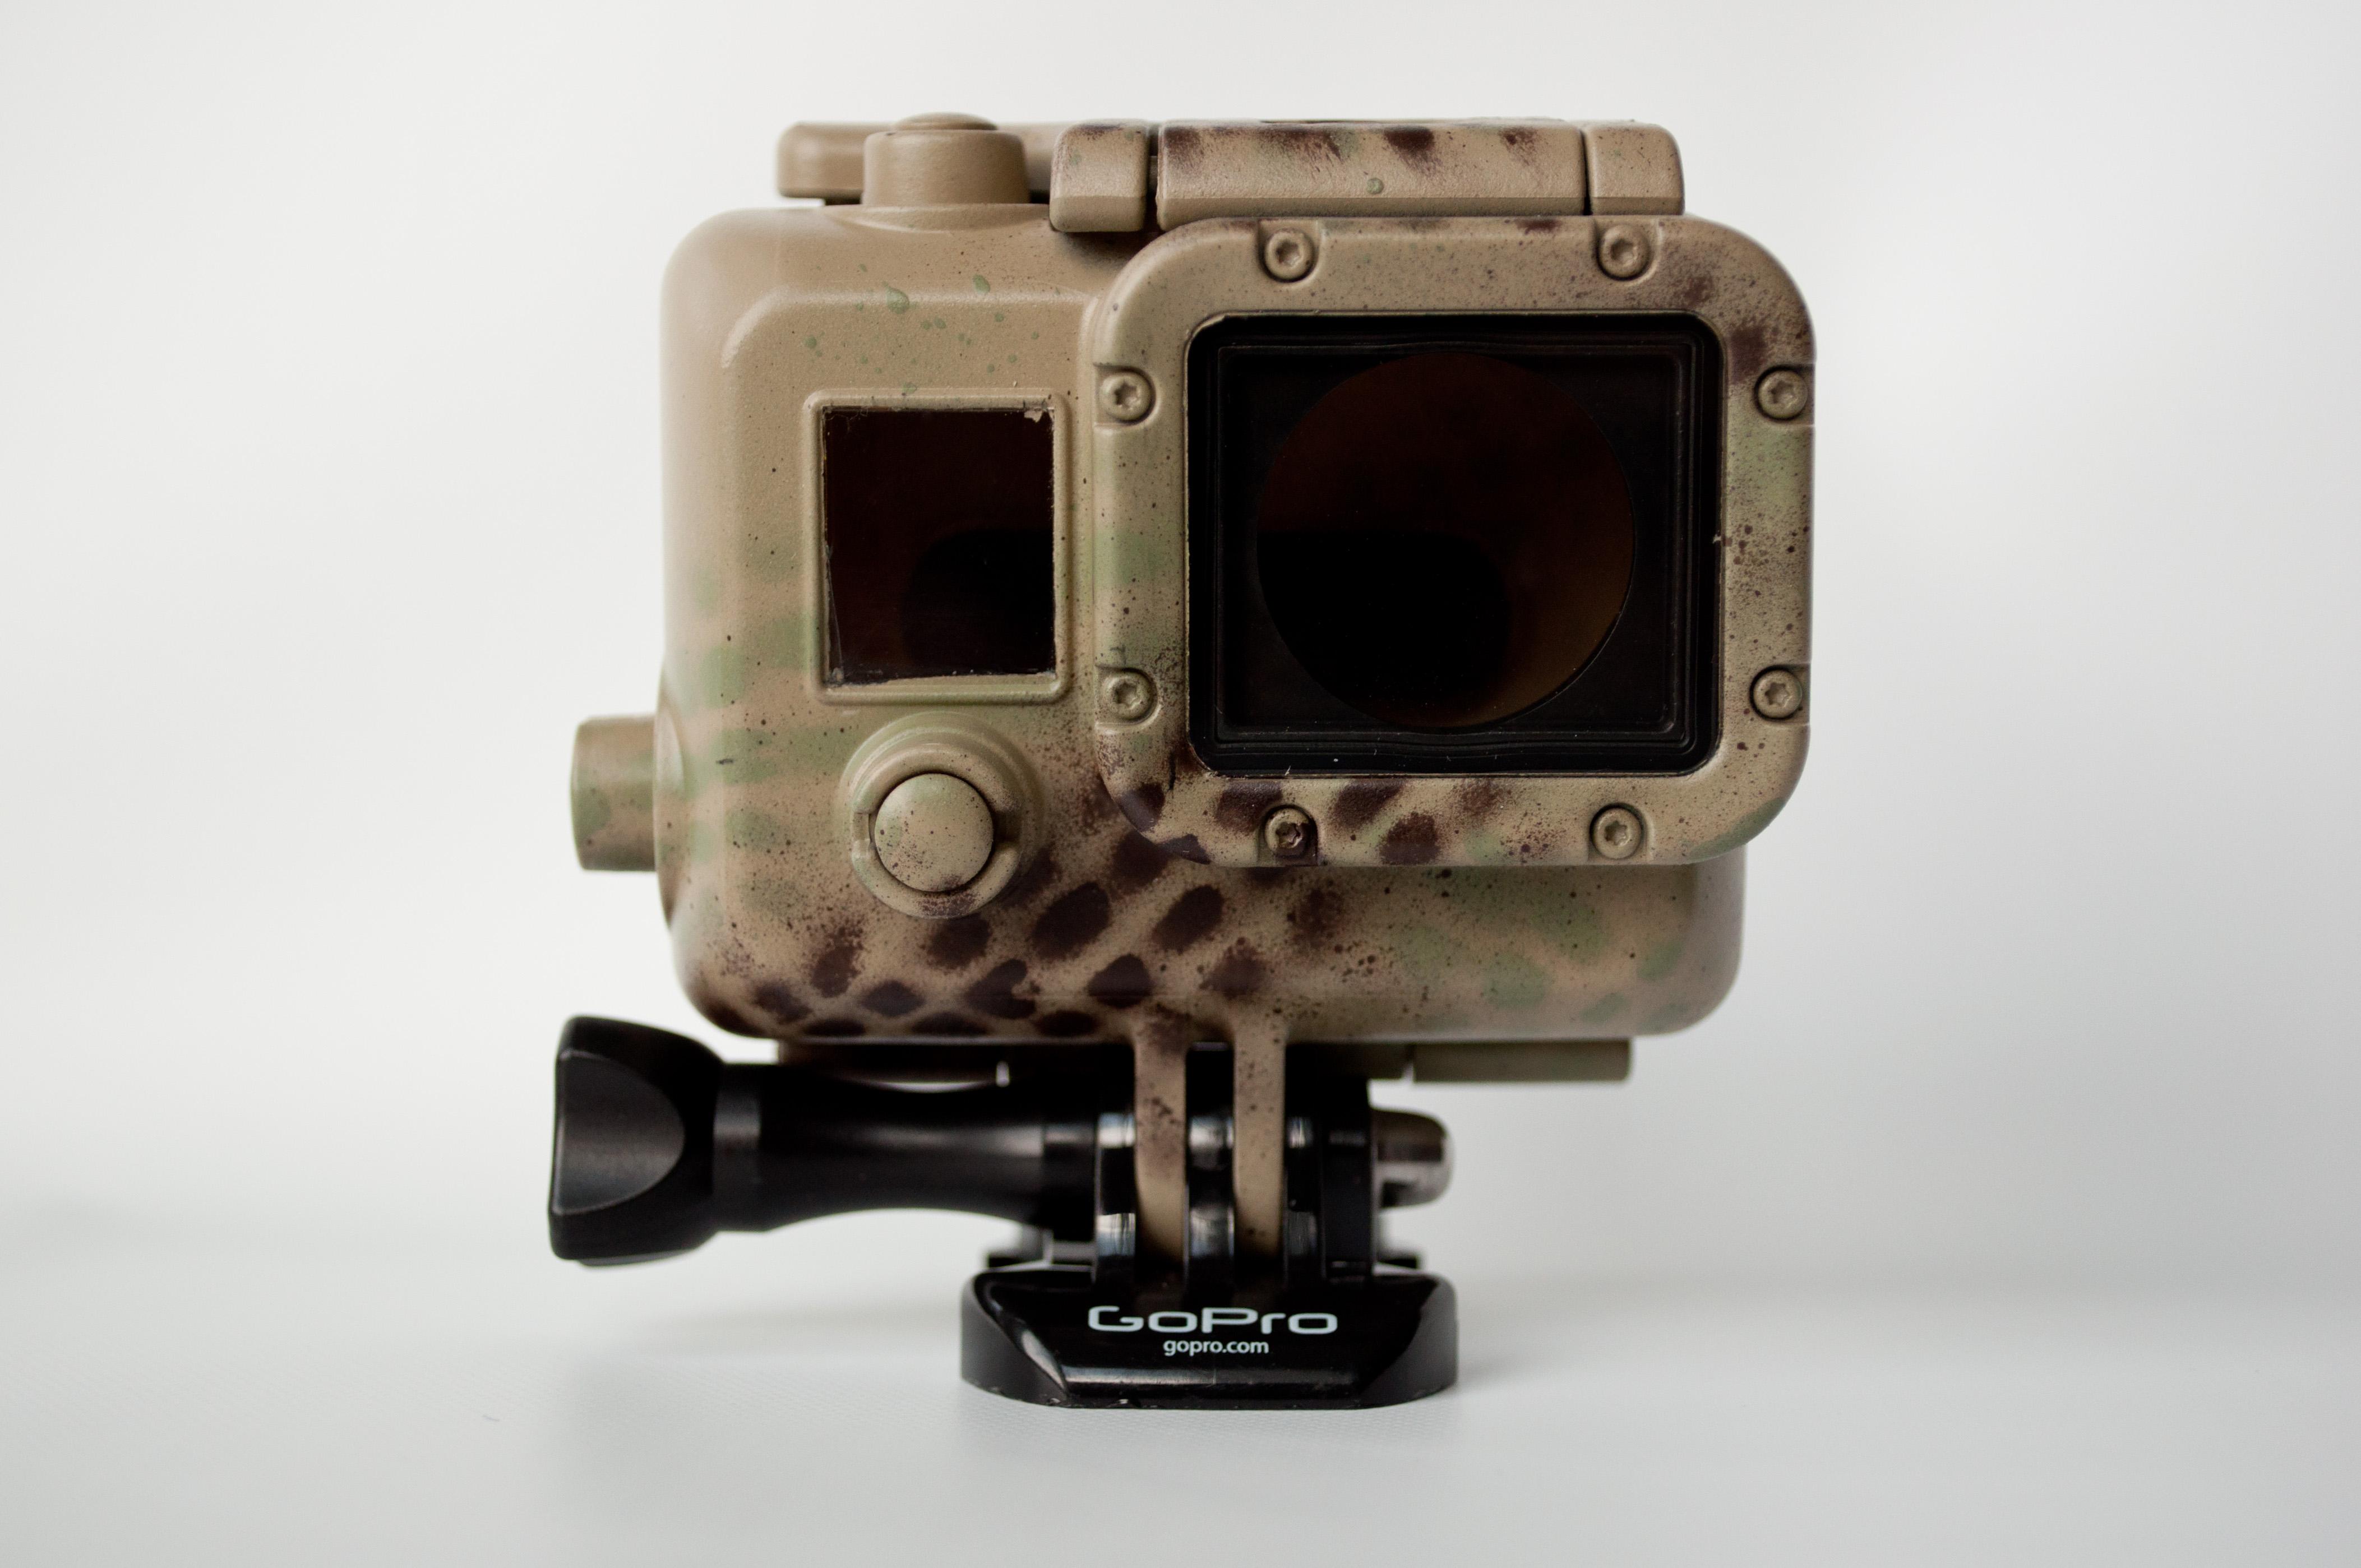 GoPro Hero 3 3+ 4 Case Woodland - 1519.0KB